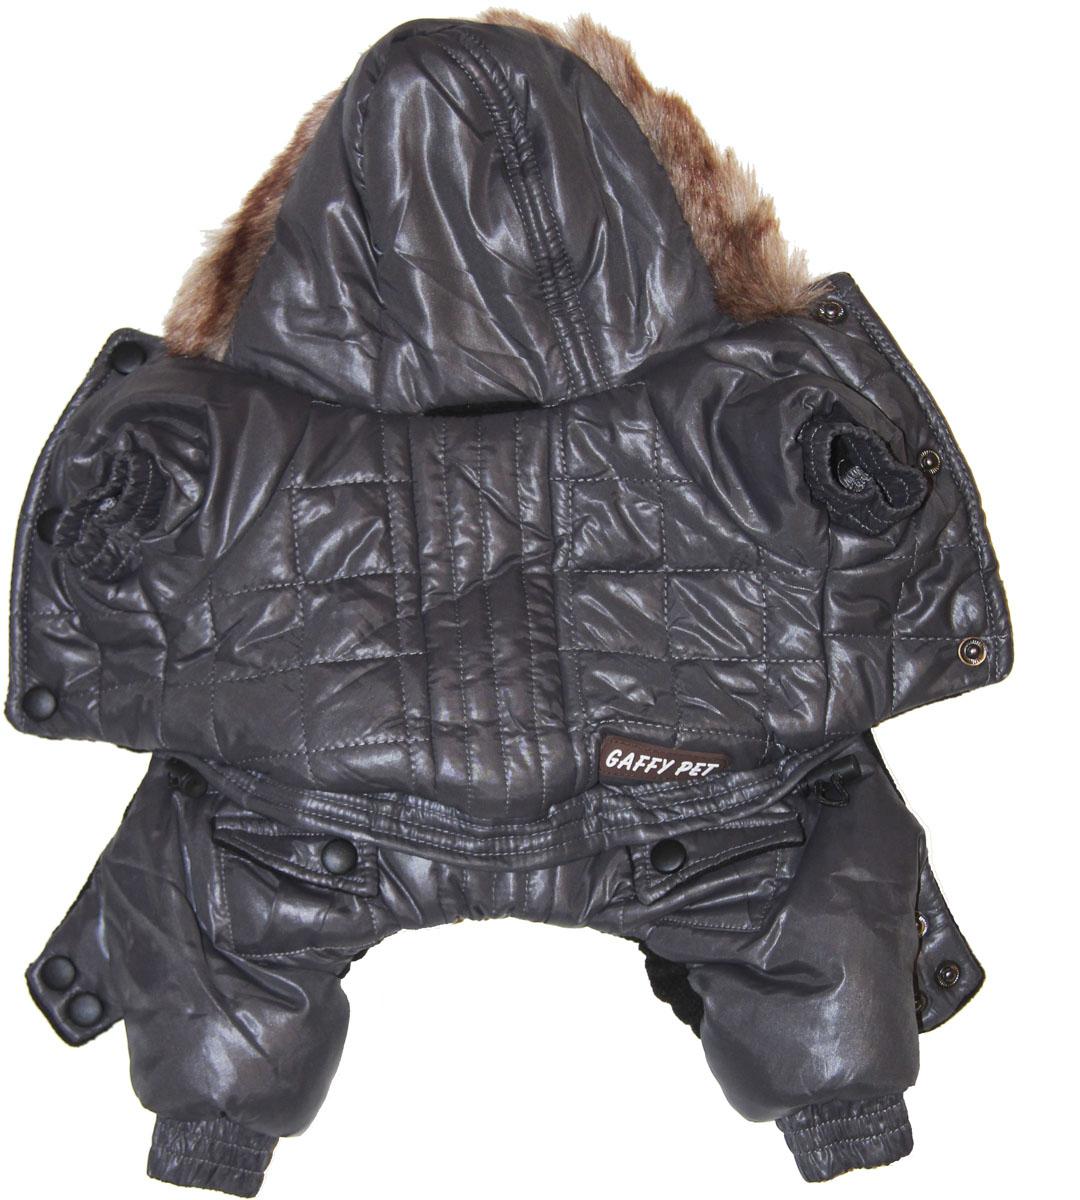 """Комбинезон для собак Gaffy Pet """"Charcoal"""", зимний, для мальчика, цвет: черный. Размер XS"""